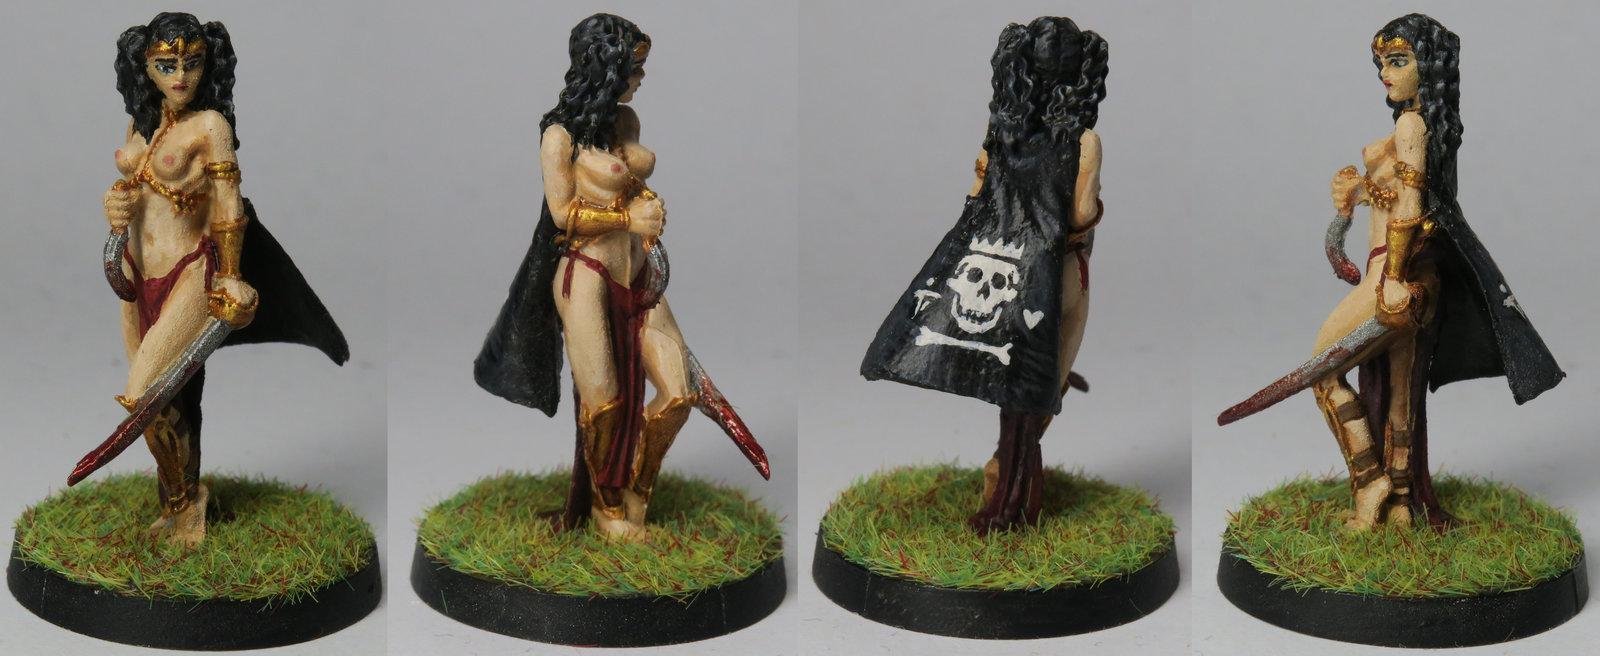 Bêlit Reine de la Côte Noire